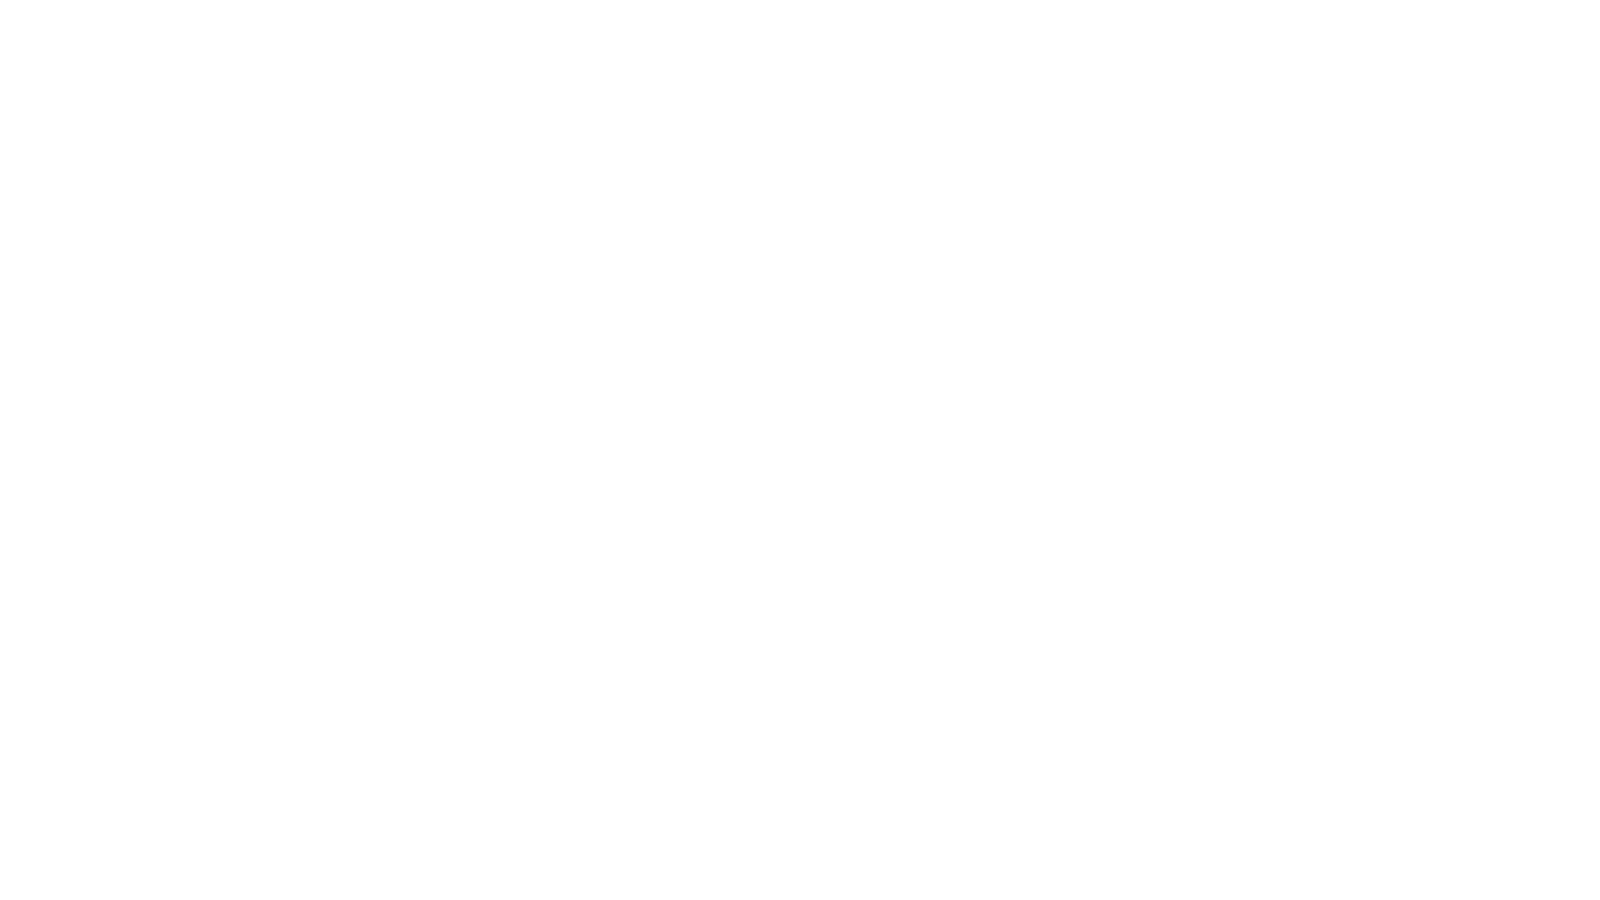 El periodo de un mes se torna corto cuando se desempolvan recuerdos, se aviva la memoria y se exaltan los hechos, acontecimientos y personajes que se sumaron para poder alcanzar la libertad. El Mes de la Patria será siempre propicio para alimentar el conocimiento de nuestras raíces y cimentar identidad nacional.  #Patria #Patriacolombiana #Territorio #Herencia #Arraigo #Pertenencia #Historia #HistoriaDeColombia #Cultura #Culturadecolombia #Sentimiento #Sentimientopatrio #País #patronatocolombianodeartesyciencias #patronatocolombiano #Porloscaminosdelfolclorcolombiano #folclor #folclorcolombiano #mesdelapatria #mesdelapatriacolombiana #Colombia #Celebración   Con el Mes de la Patria deben llegar todos los buenos recuerdos y enseñanzas que están anclados a la tierra de nuestros mayores, es decir a la herencia cultural que nos viene de padres, abuelos y que ellos a su vez en su momento también heredaron. La Patria grande es la que nos cobija a todos en lo que hoy llamamos Colombia y la Patria chica es el terruño donde nacimos o nos hemos criado y que por muchas razones es la que amamos.  Es tiempo para recordar, exaltar y sentirnos orgullos de lo nuestro.  Para el Patronato Colombiano de Artes y Ciencias la celebración del Mes de la Patria constituye una oportunidad especial para promover el aprecio por nuestras raíces culturales.  Es tiempo para reconocer y valorar las manifestaciones autóctonas en todo el territorio nacional, logrando de esta forma reavivar la memoria colectiva, el rescate de la historia local y la salvaguarda de nuestros principios y valores.  ▶ Tema musical de fondo: La Negra contradanza – Flauta y Cuerdas. Música de la Época del Libertador Simón Bolívar y otras obras del sentimiento histórico colombiano – Bicentenario de la Independencia - República de Colombia – Edición especial – 1810-2010. Arreglos, Composiciones y Dirección de Orquesta de Blas Emilio Atehortúa.  ▶ Si quieres comprar - Cd - Música de la Época del Libertador Simón Bolívar y otra